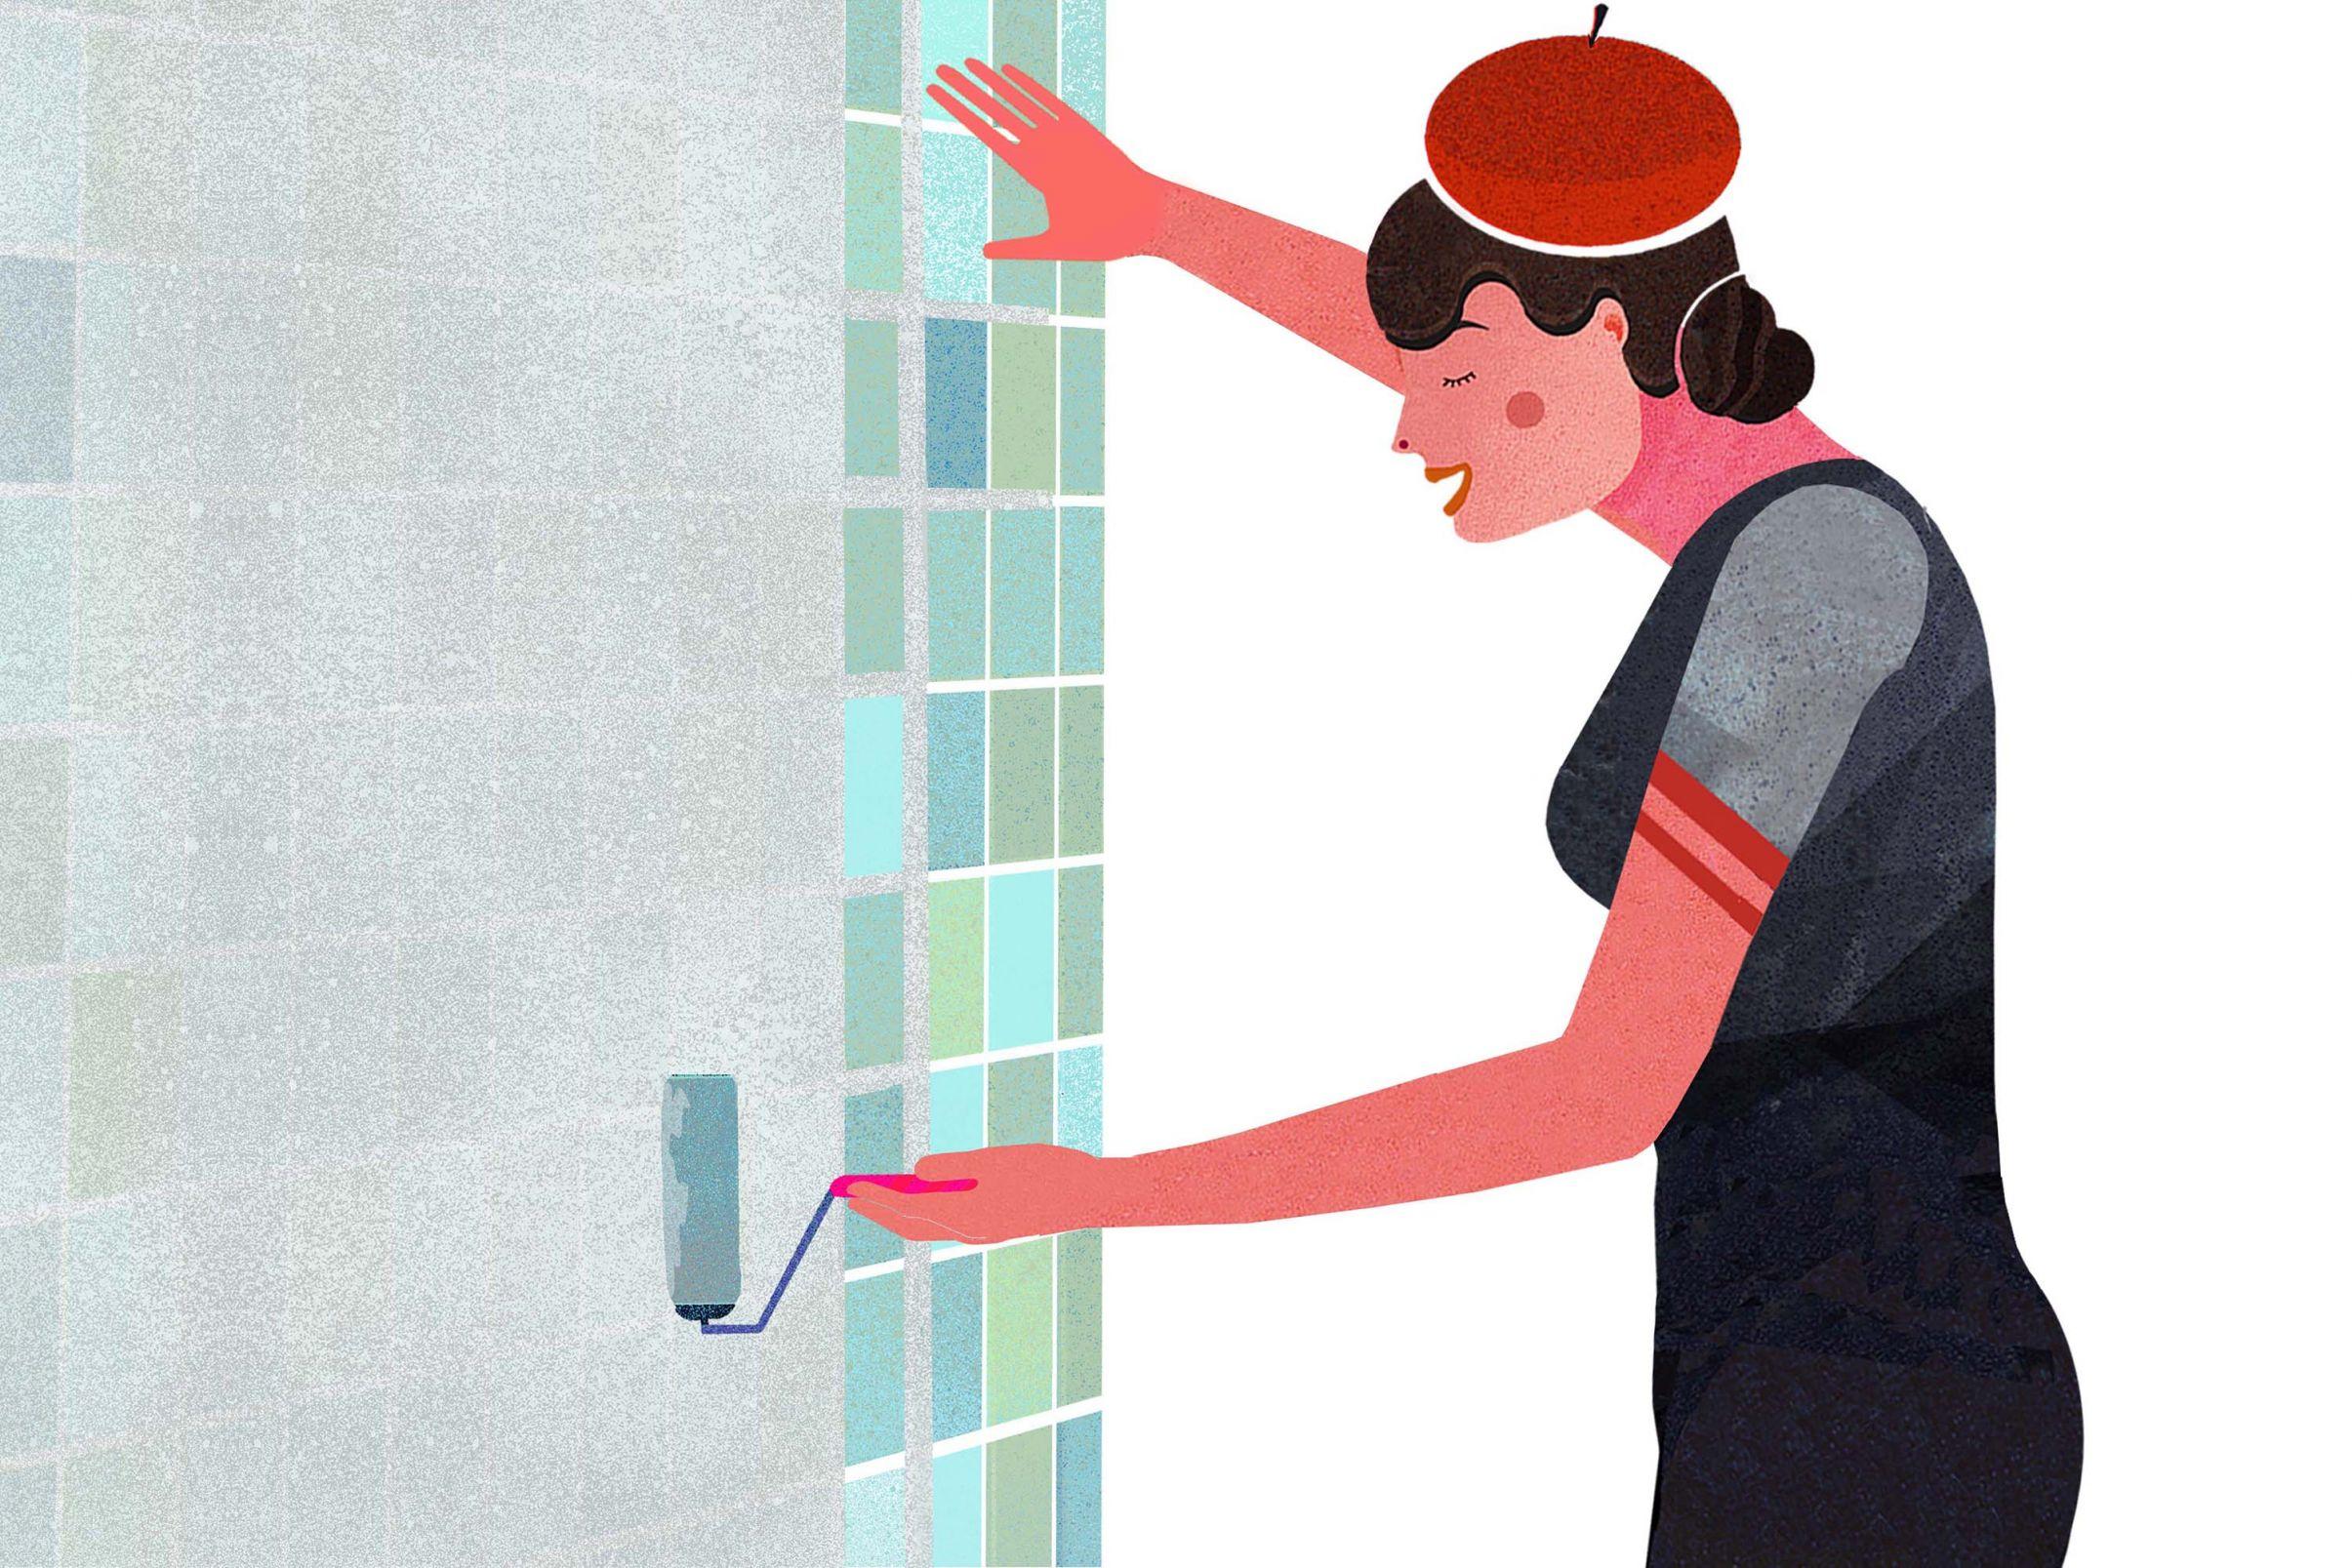 Wie-tapeziere-ich-im-Badezimmer-Tiefengrund-zweimal-auftragen-anschliessend-Makulaturtapete-kleben